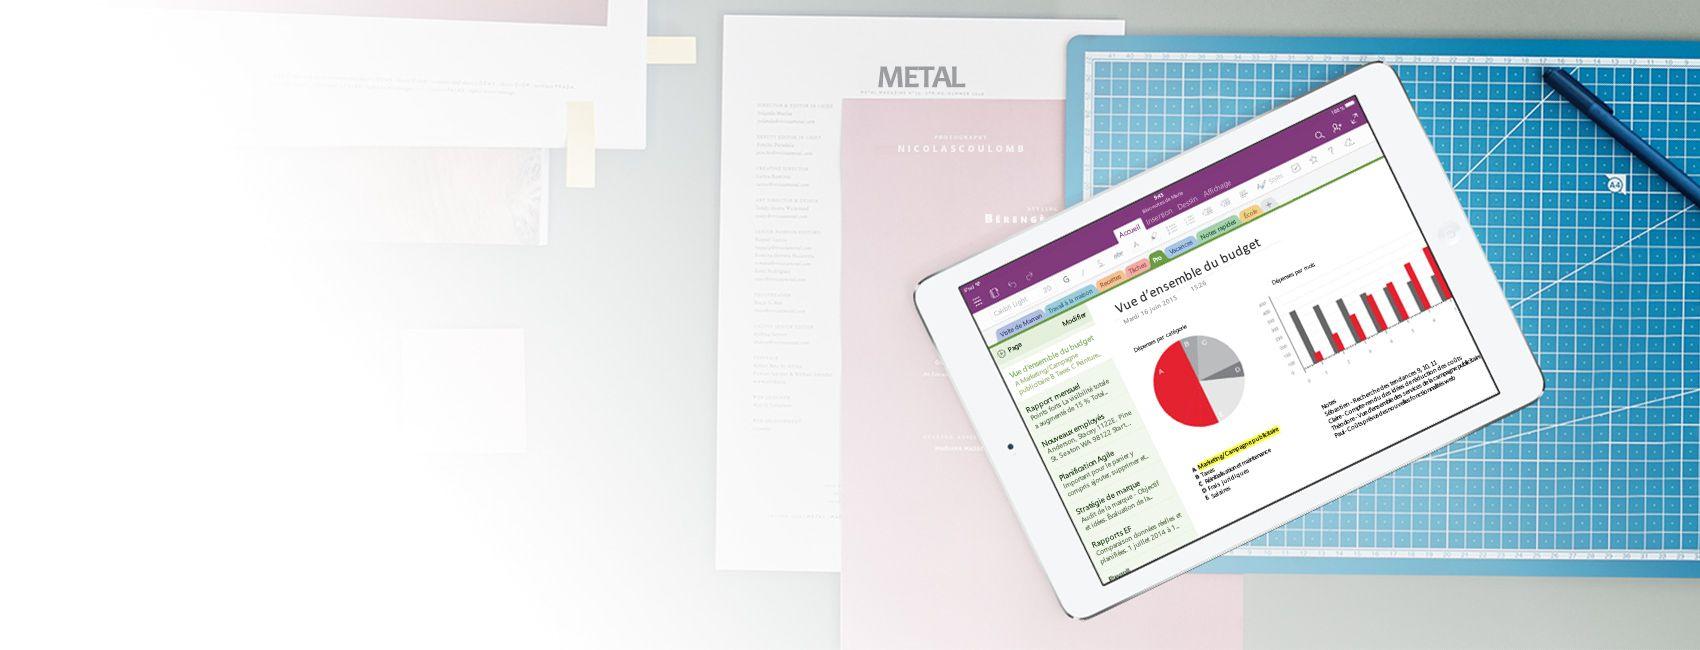 iPad affichant un bloc-notes OneNote contenant des diagrammes et des graphiques pour la gestion du budget